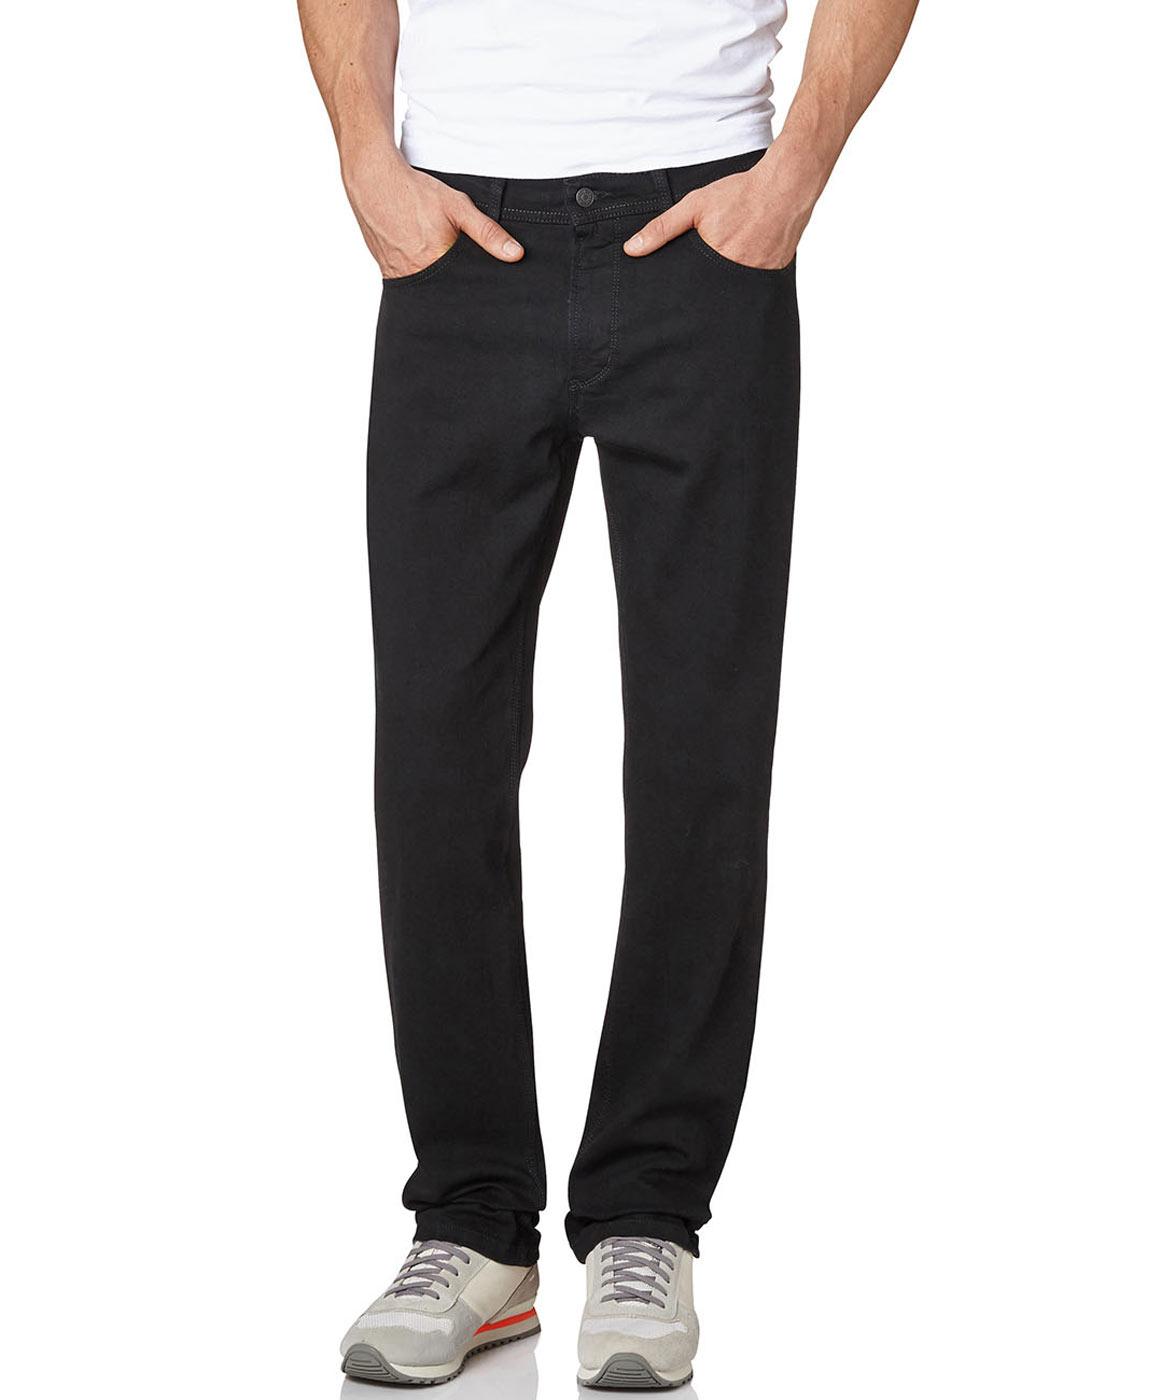 Pioneer Rando Stretch Jeans Black 1680 9403 05